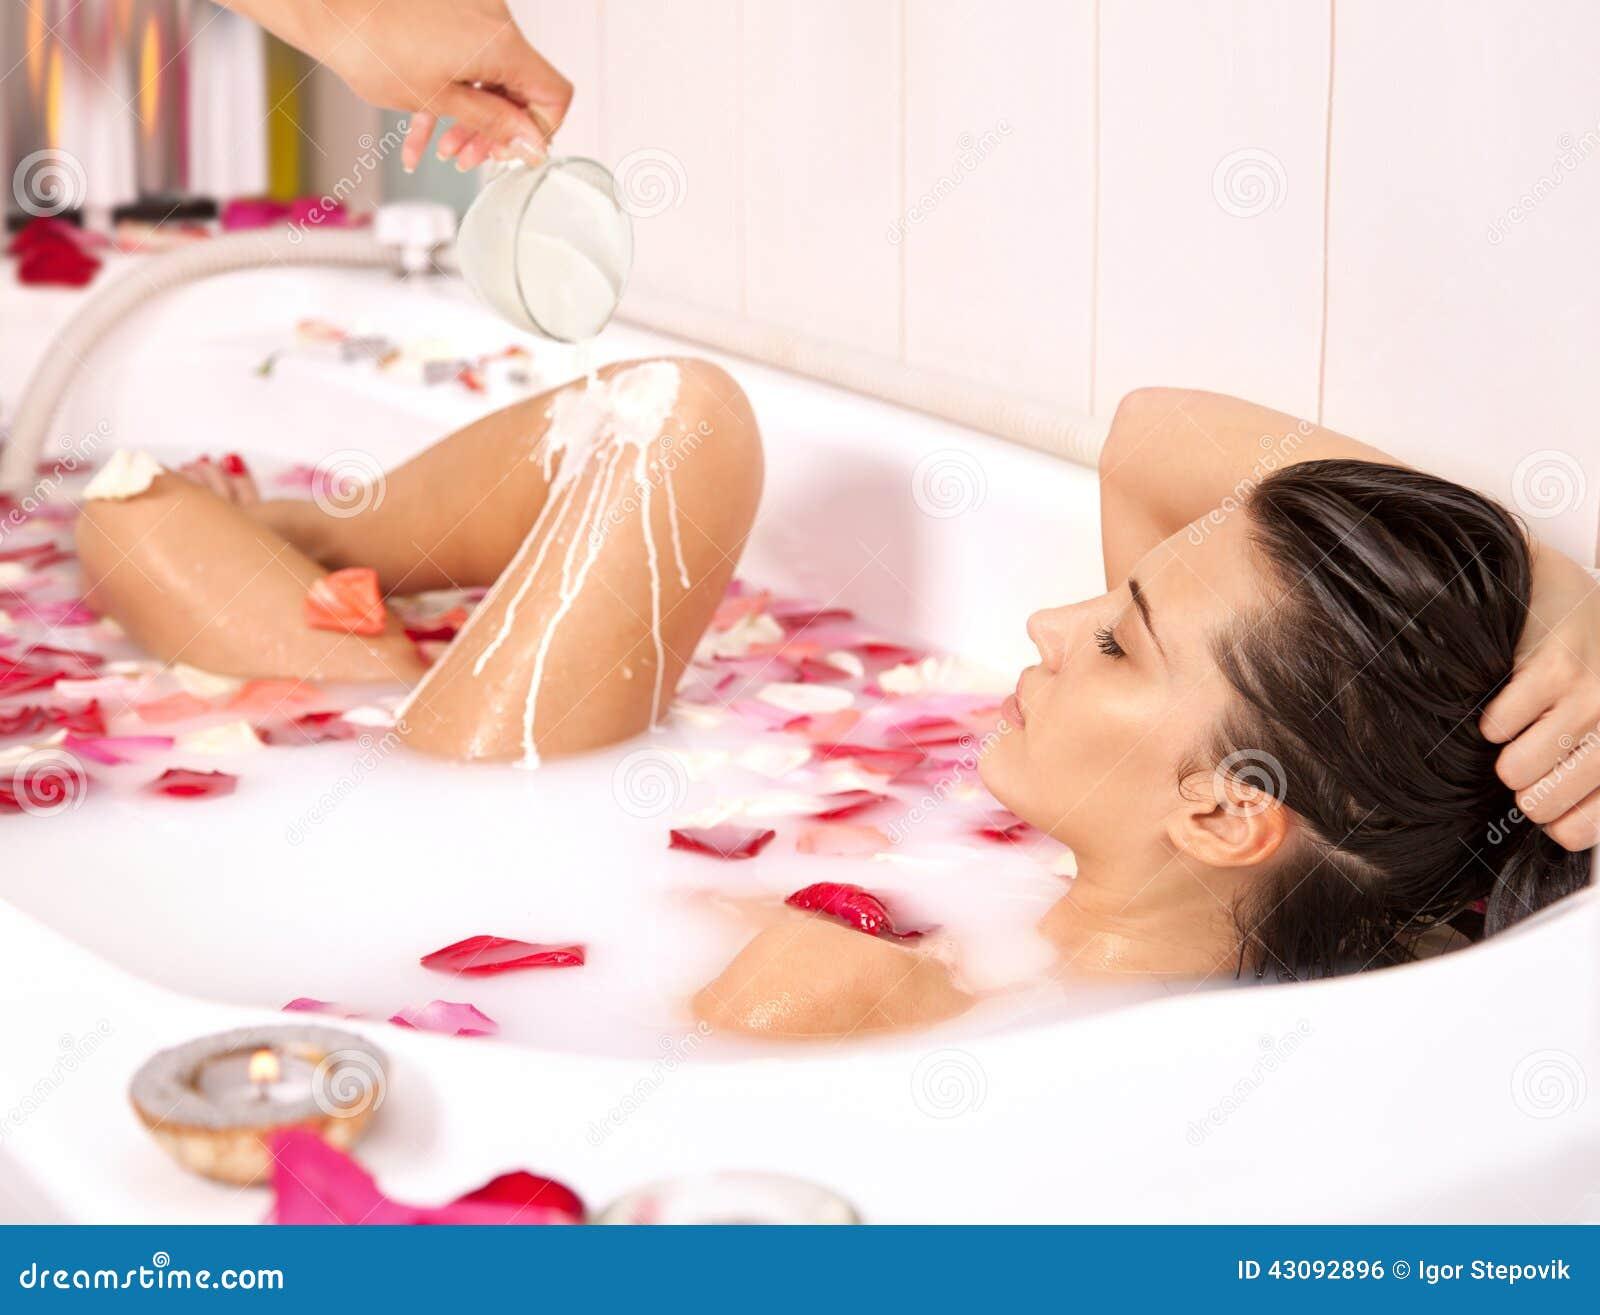 Nude girl in milk bath